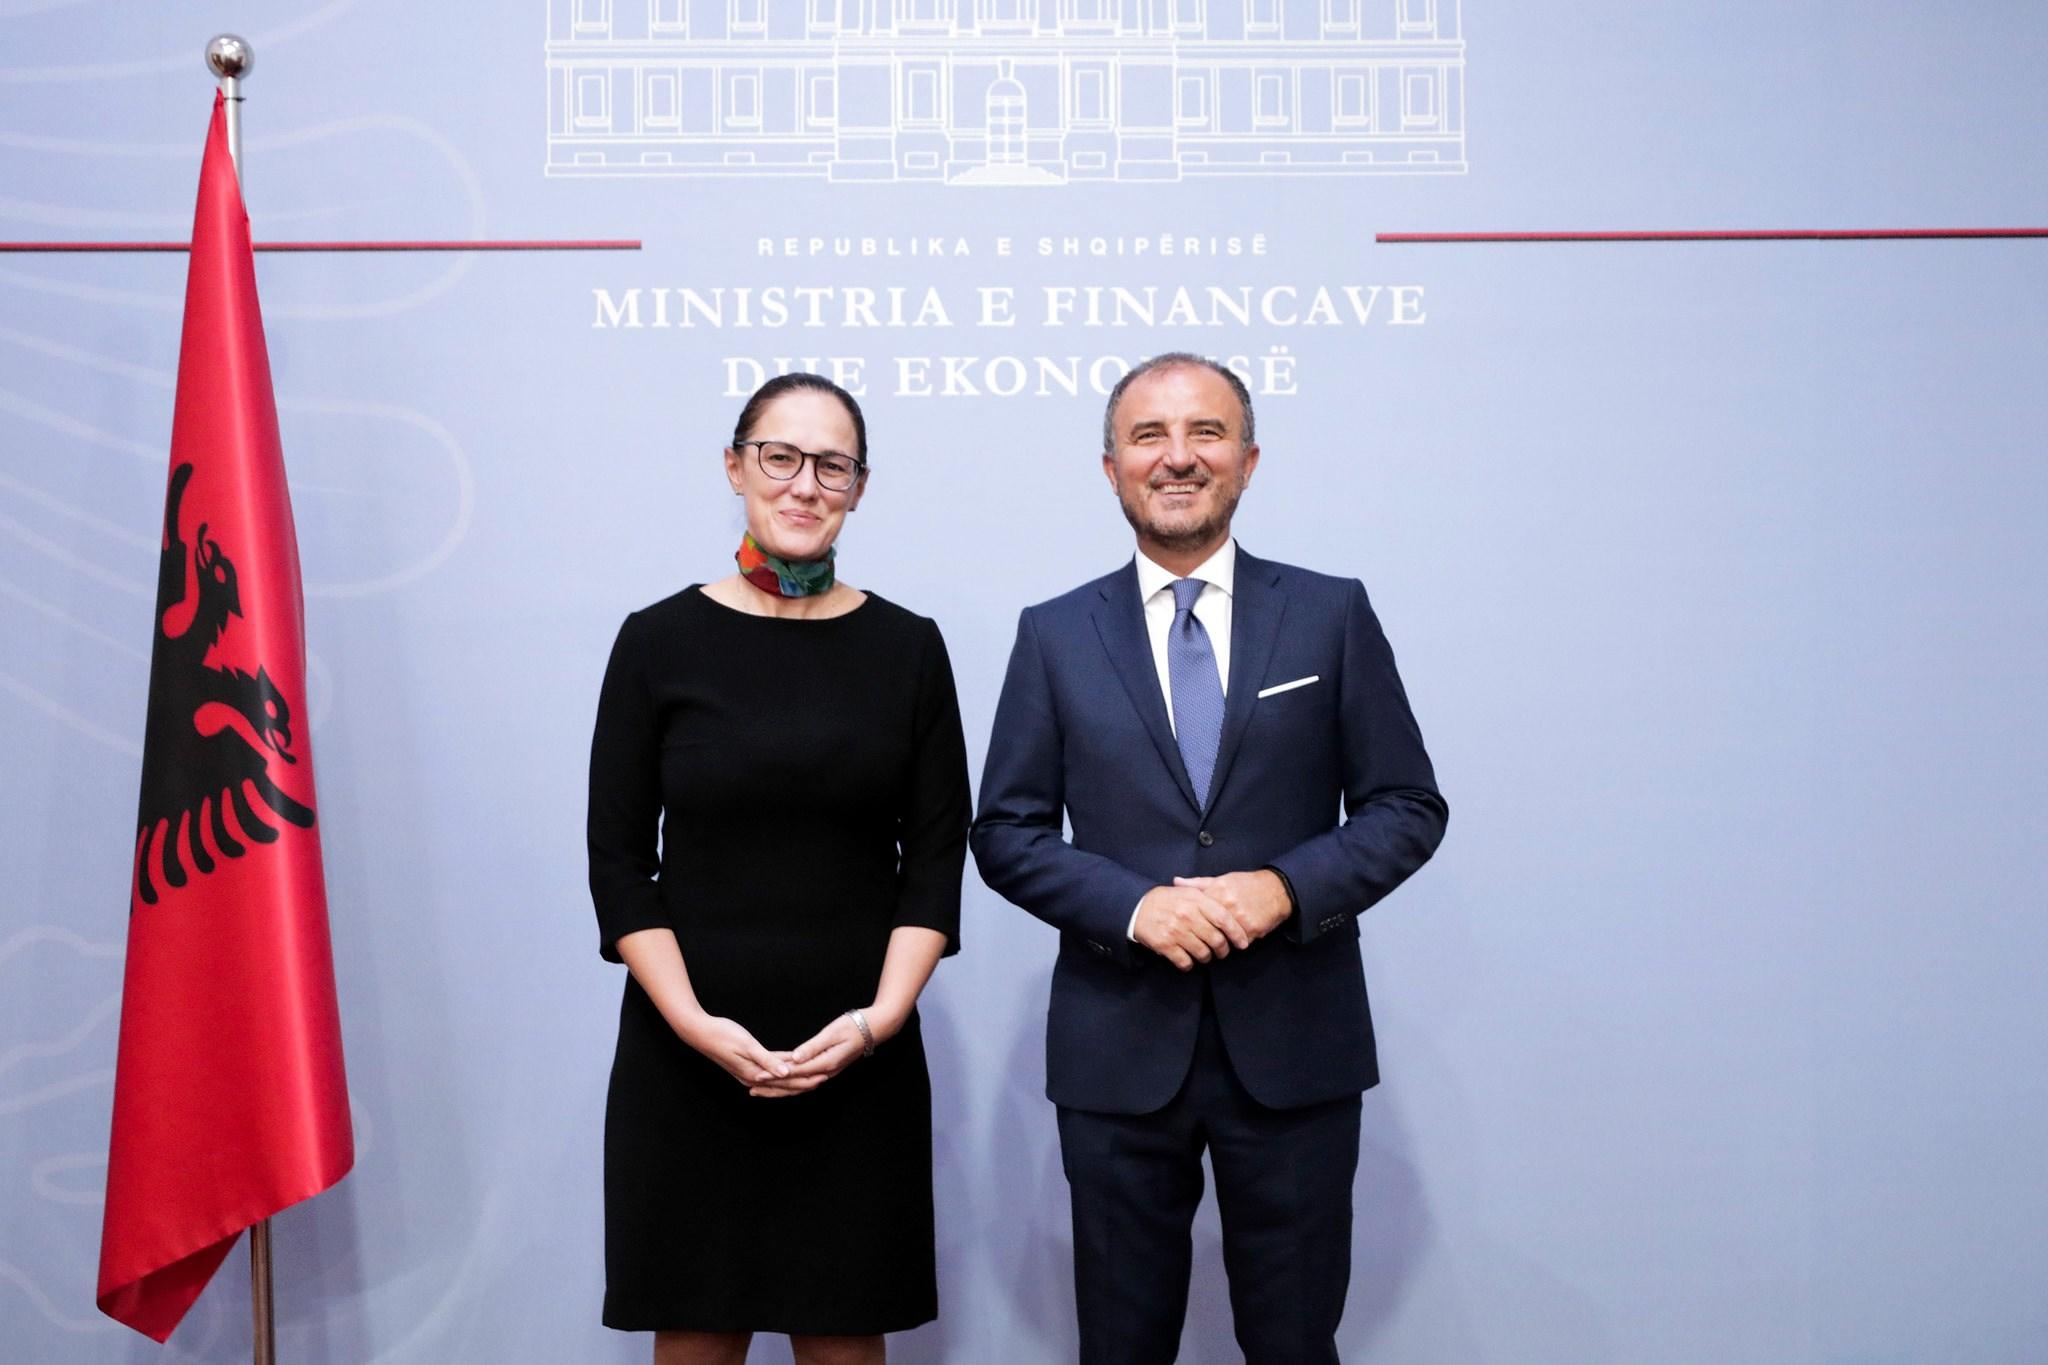 """Soreca i jep 5 """"porosi"""" ministres së re të Financave"""